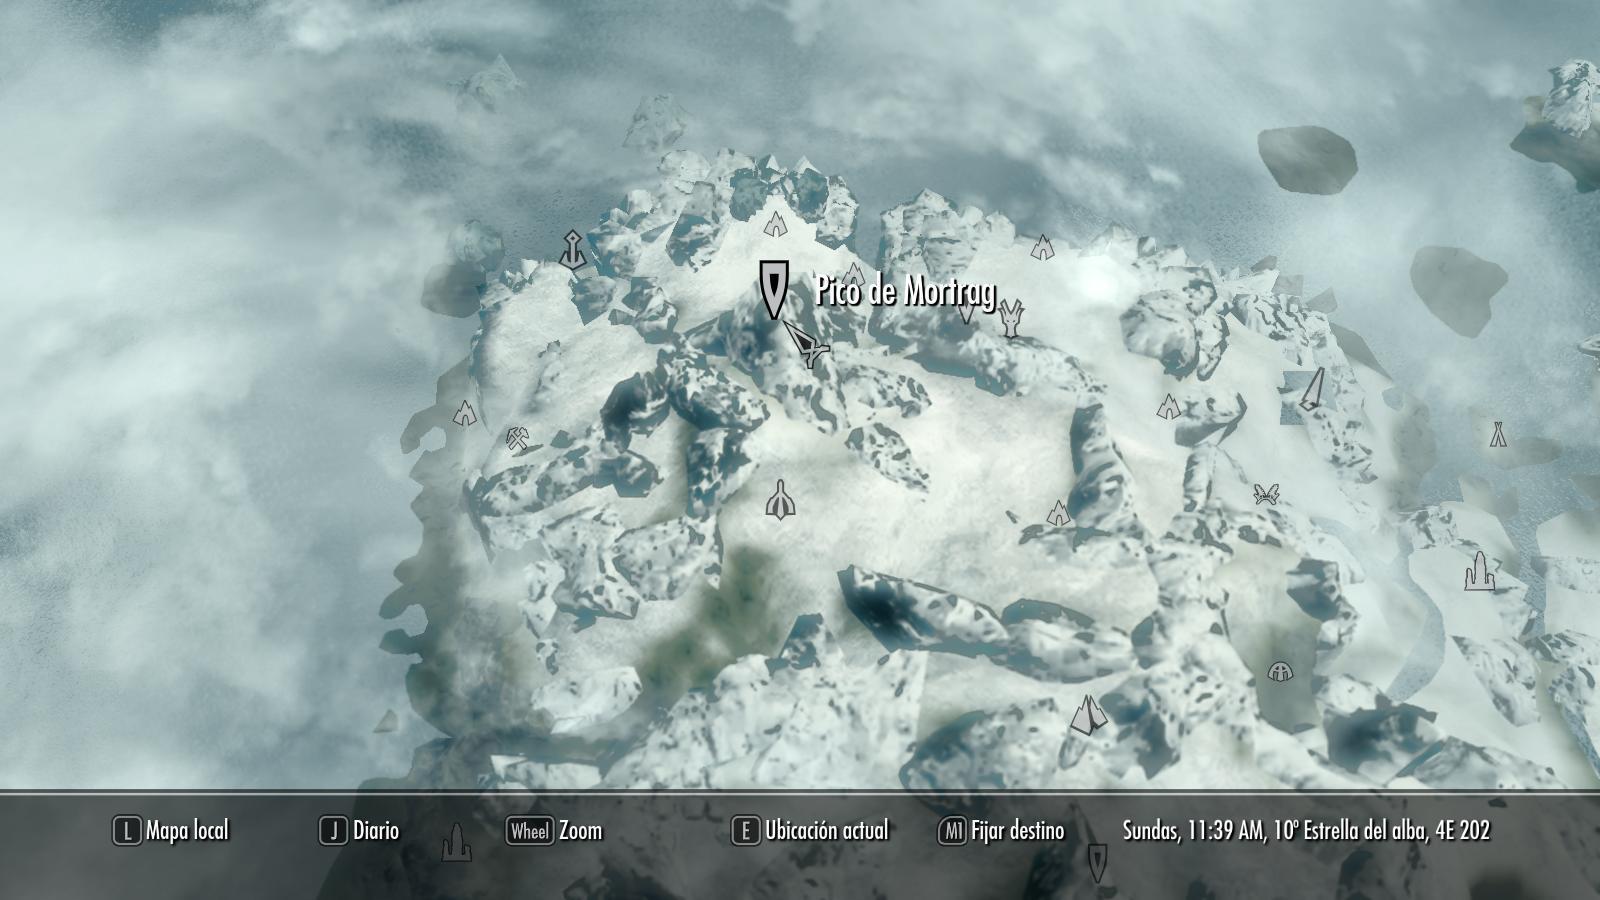 Pico de Mortrag